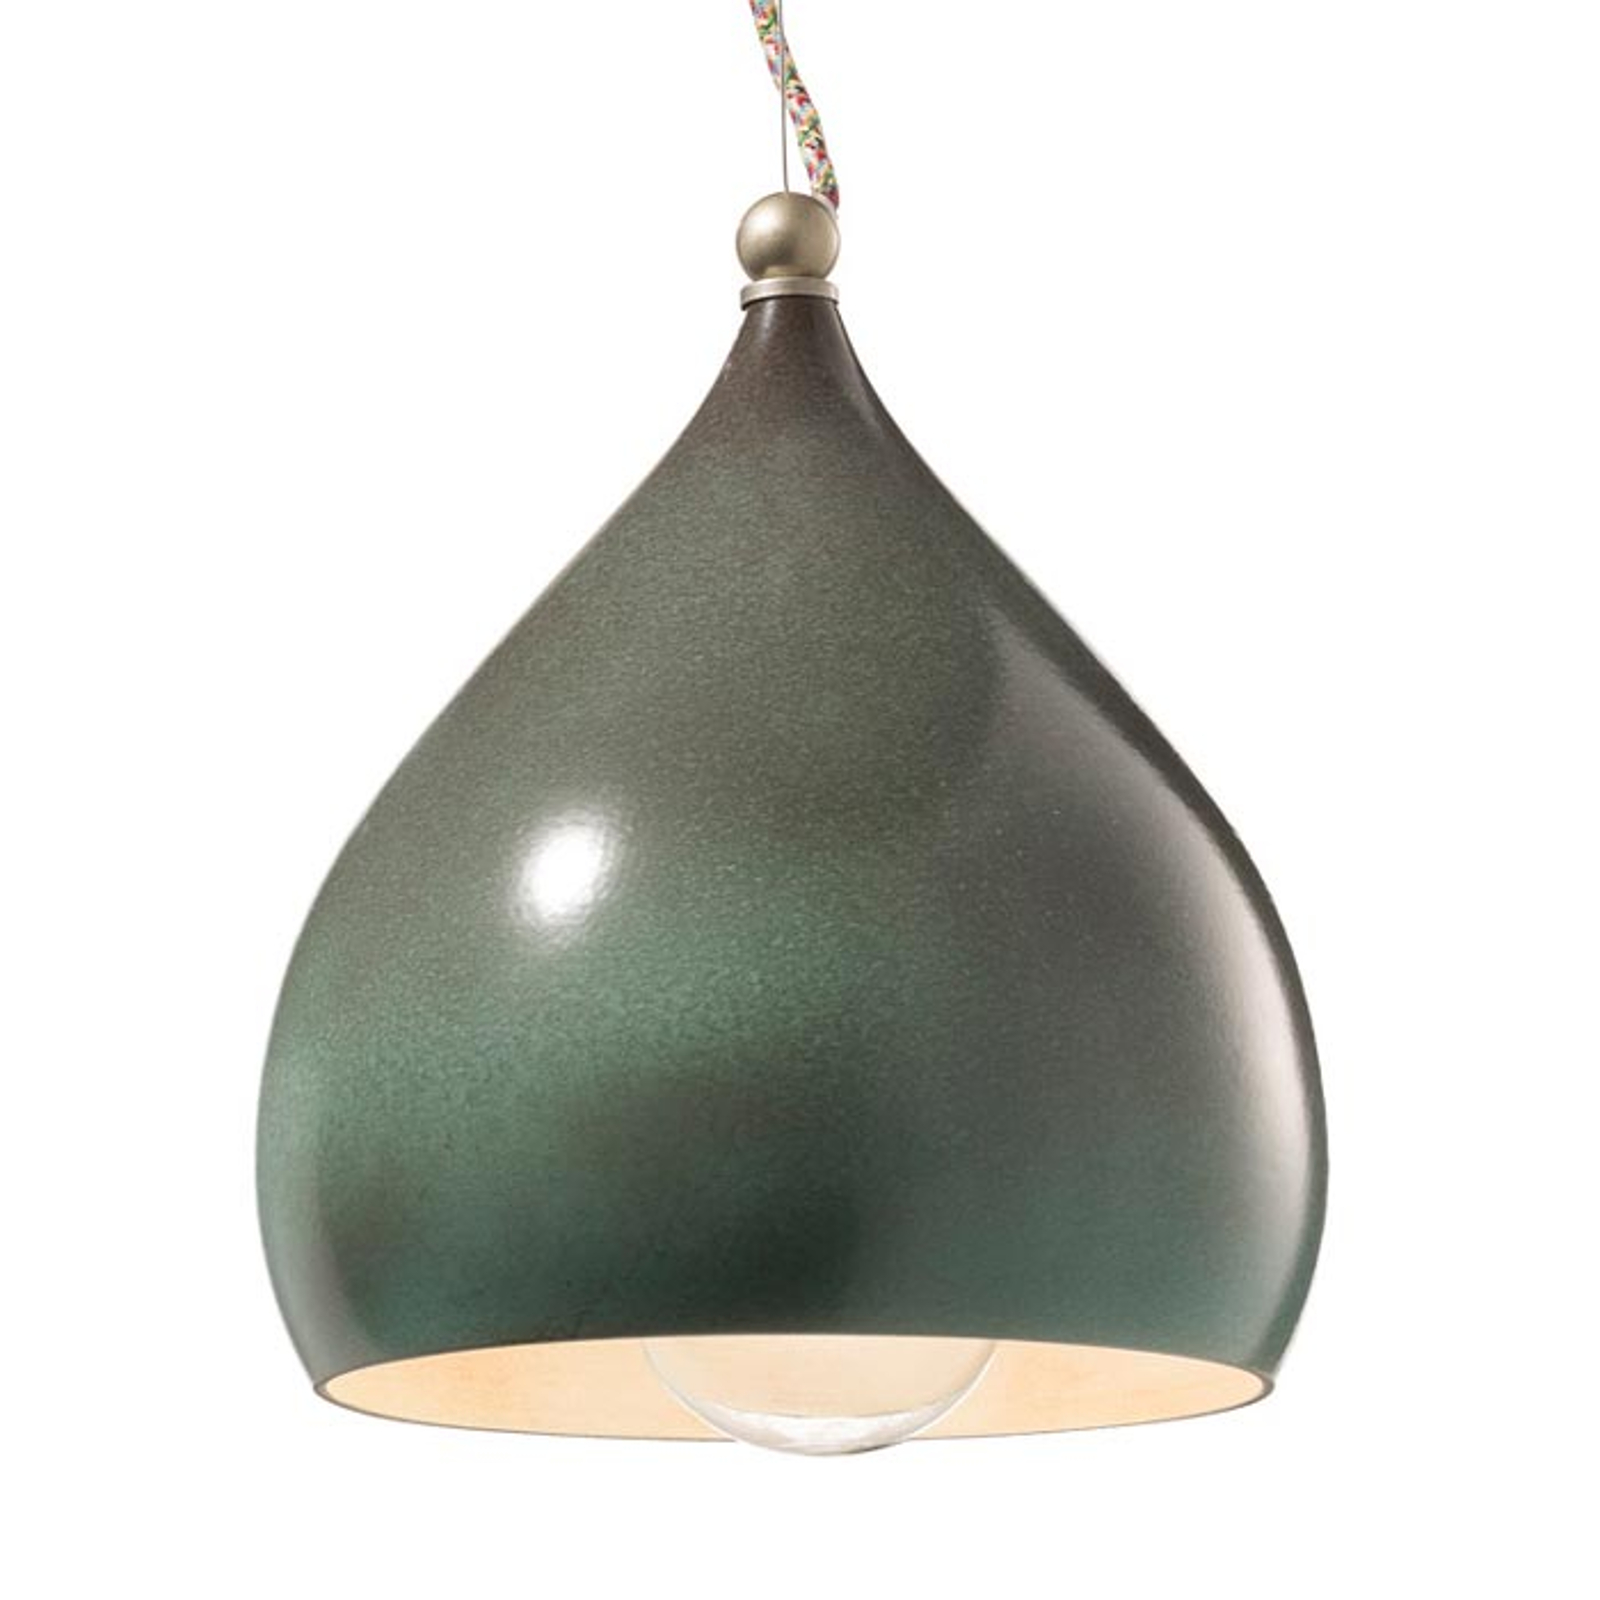 Hängeleuchte Federico aus Keramik, grün